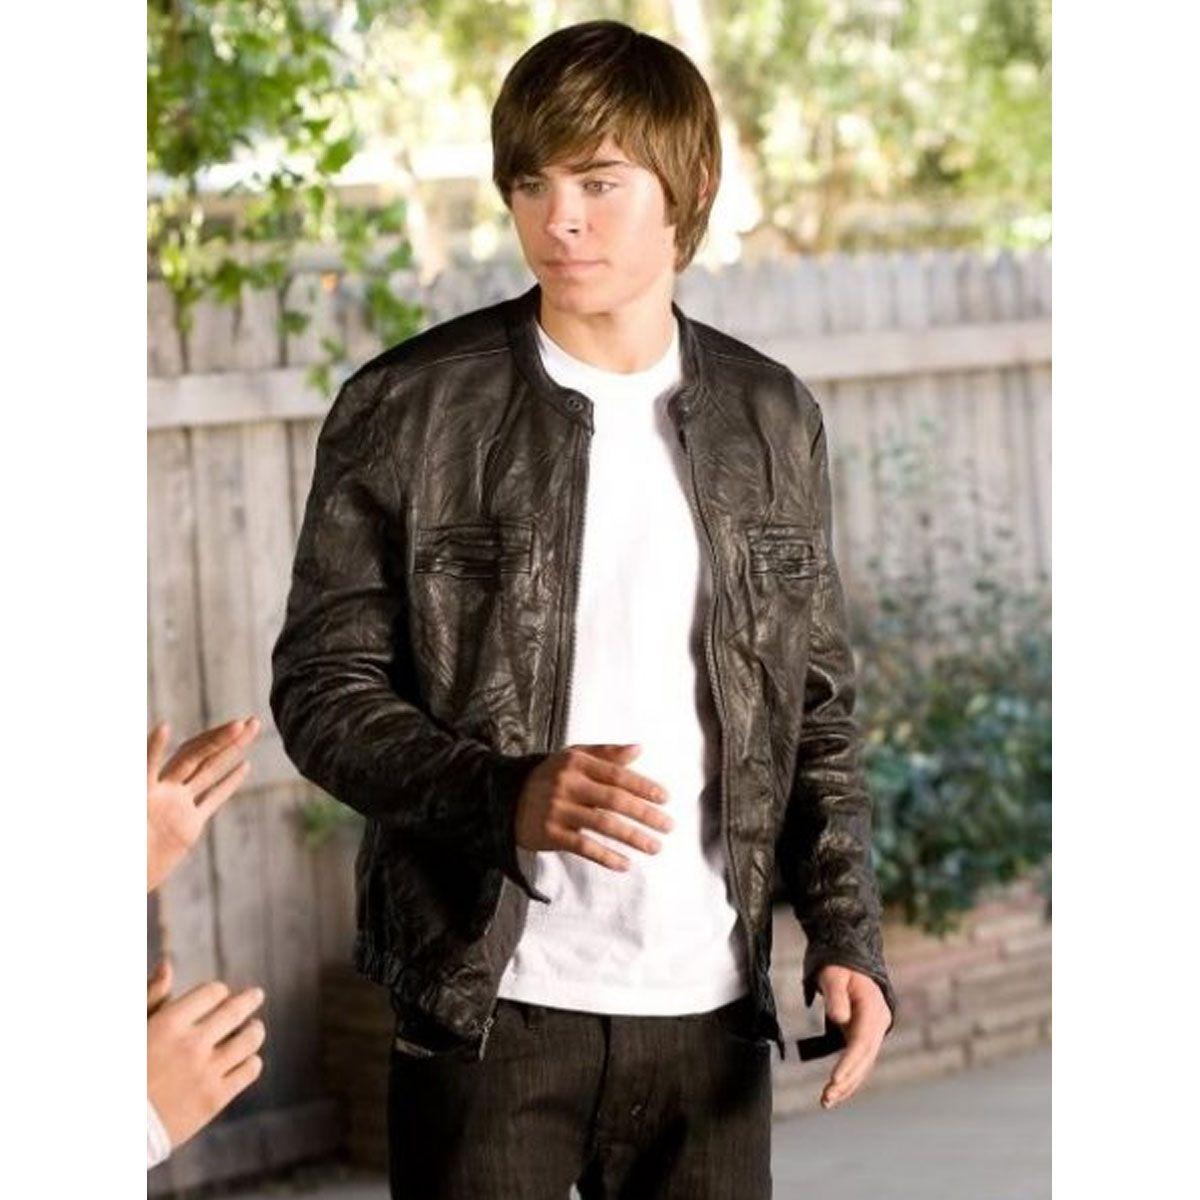 17 AGAIN ZAC EFRON BLACK LEATHER JACKET Leather jacket